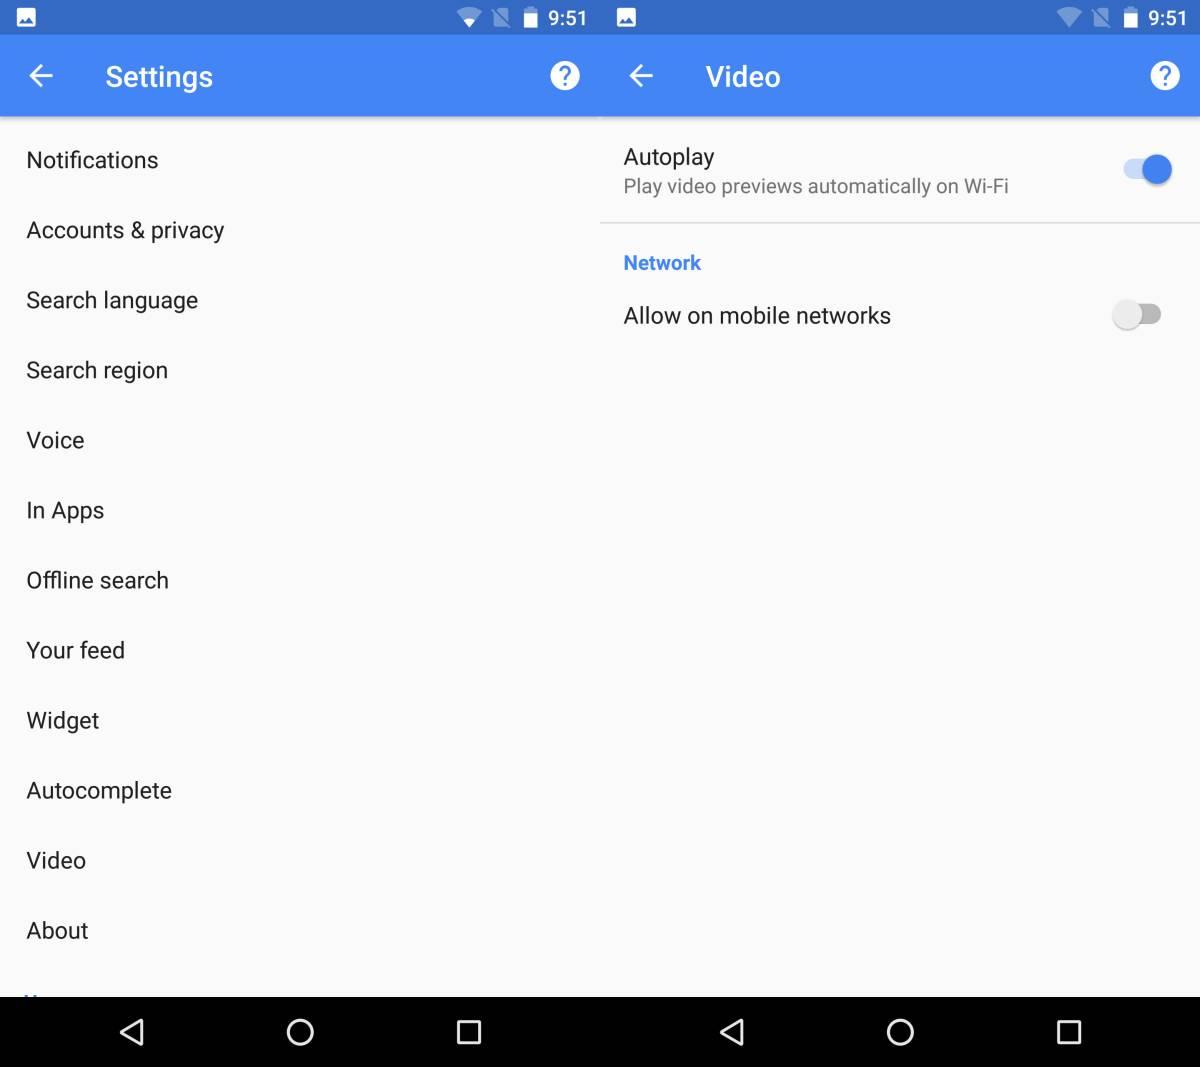 كيفية إيقاف التشغيل التلقائي للفيديوهات في نتائج البحث بجوجل على هواتف الأندرويد 3